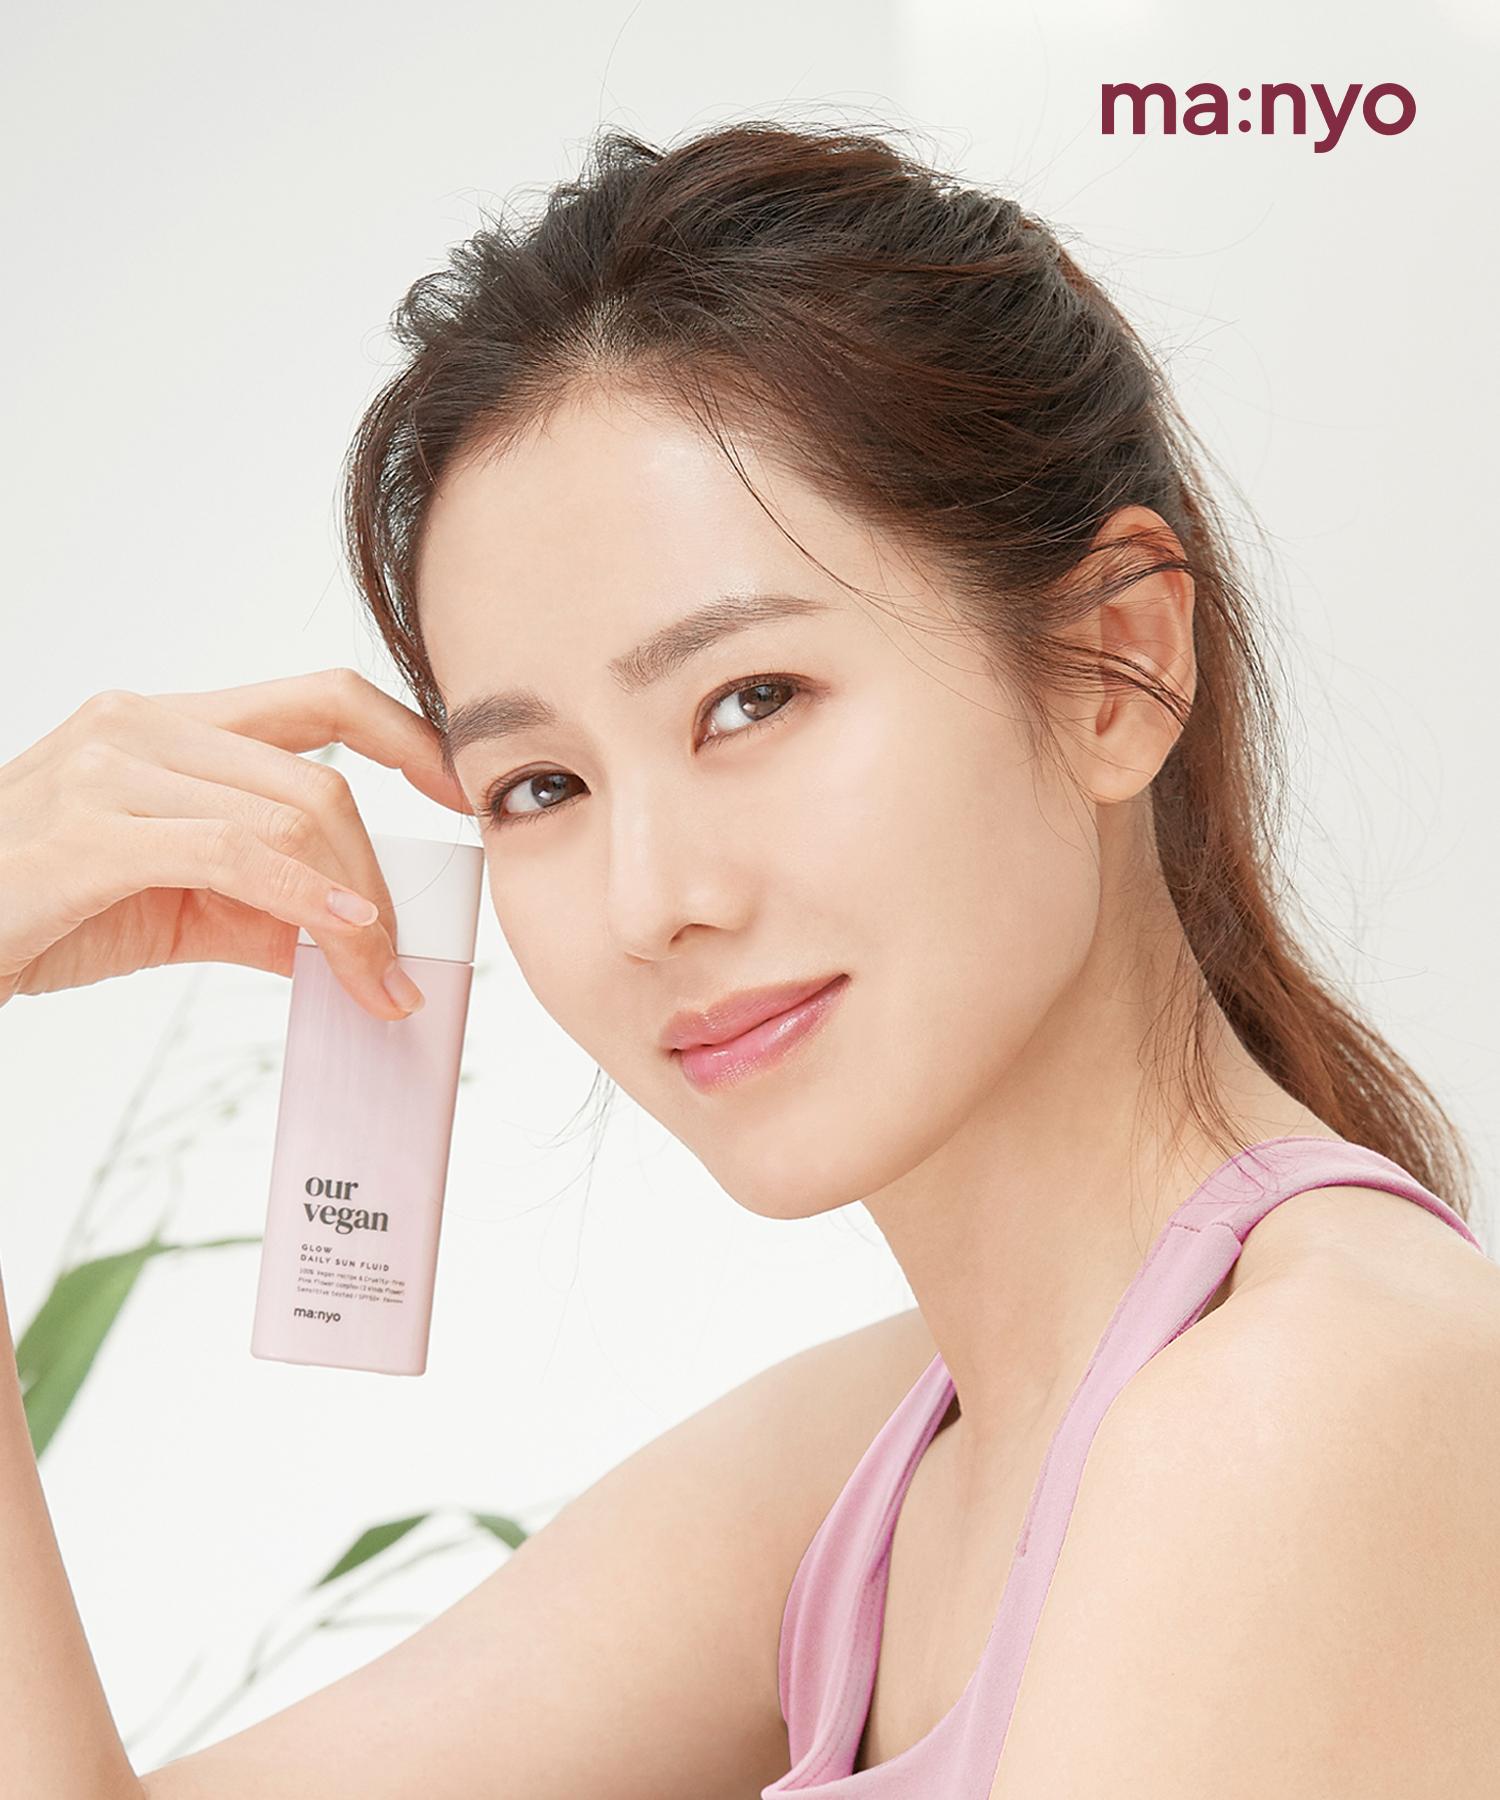 韓国の美肌ブランド「魔女工場」専属モデルは人気女優ソン・イェジン